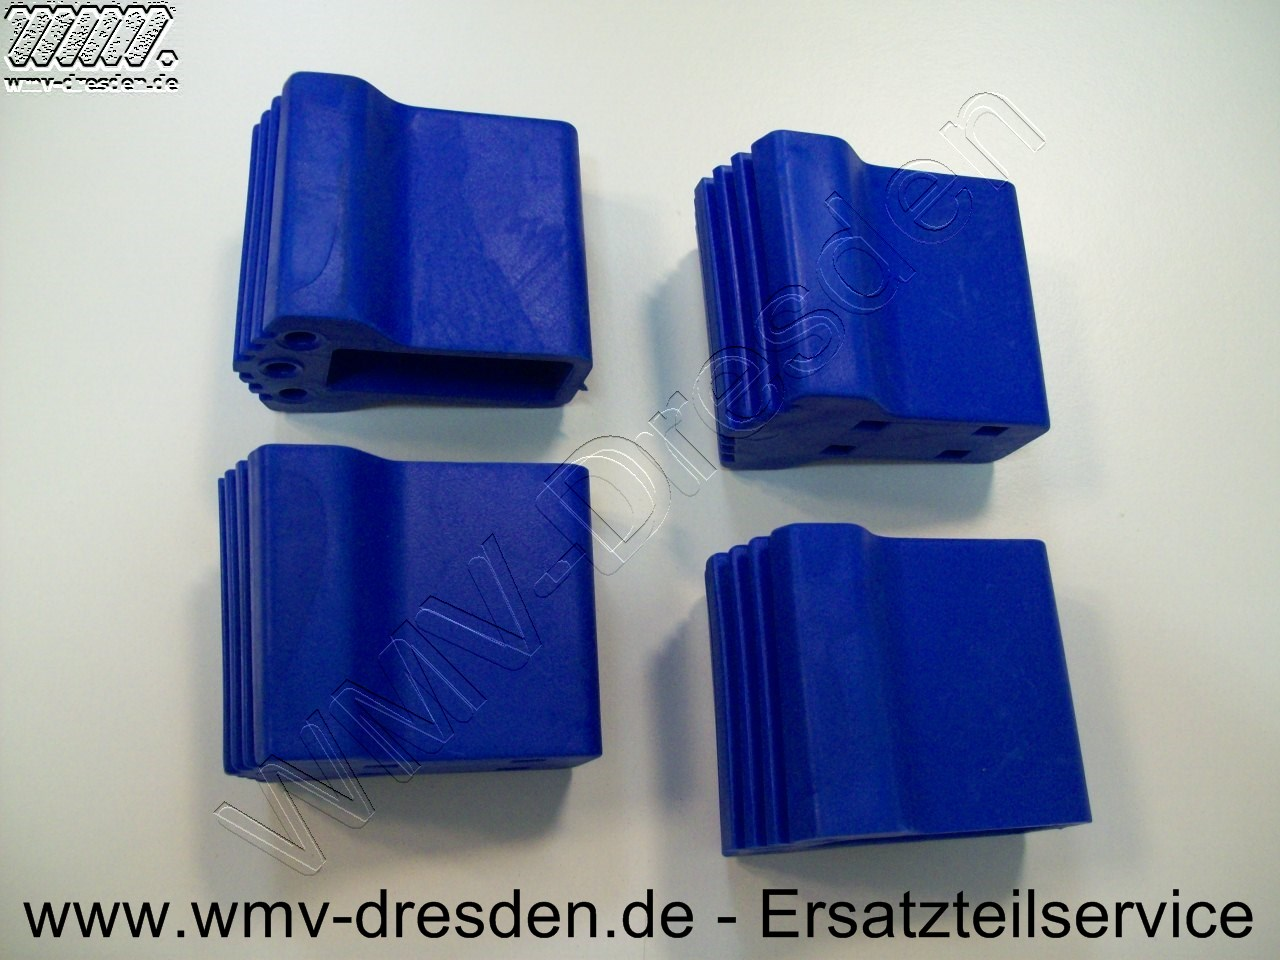 4er Satz Plastikschutzfüße für Vario 360 Leiter 6cm hoch, 7,5cm breit, Loch 2,3x5,1